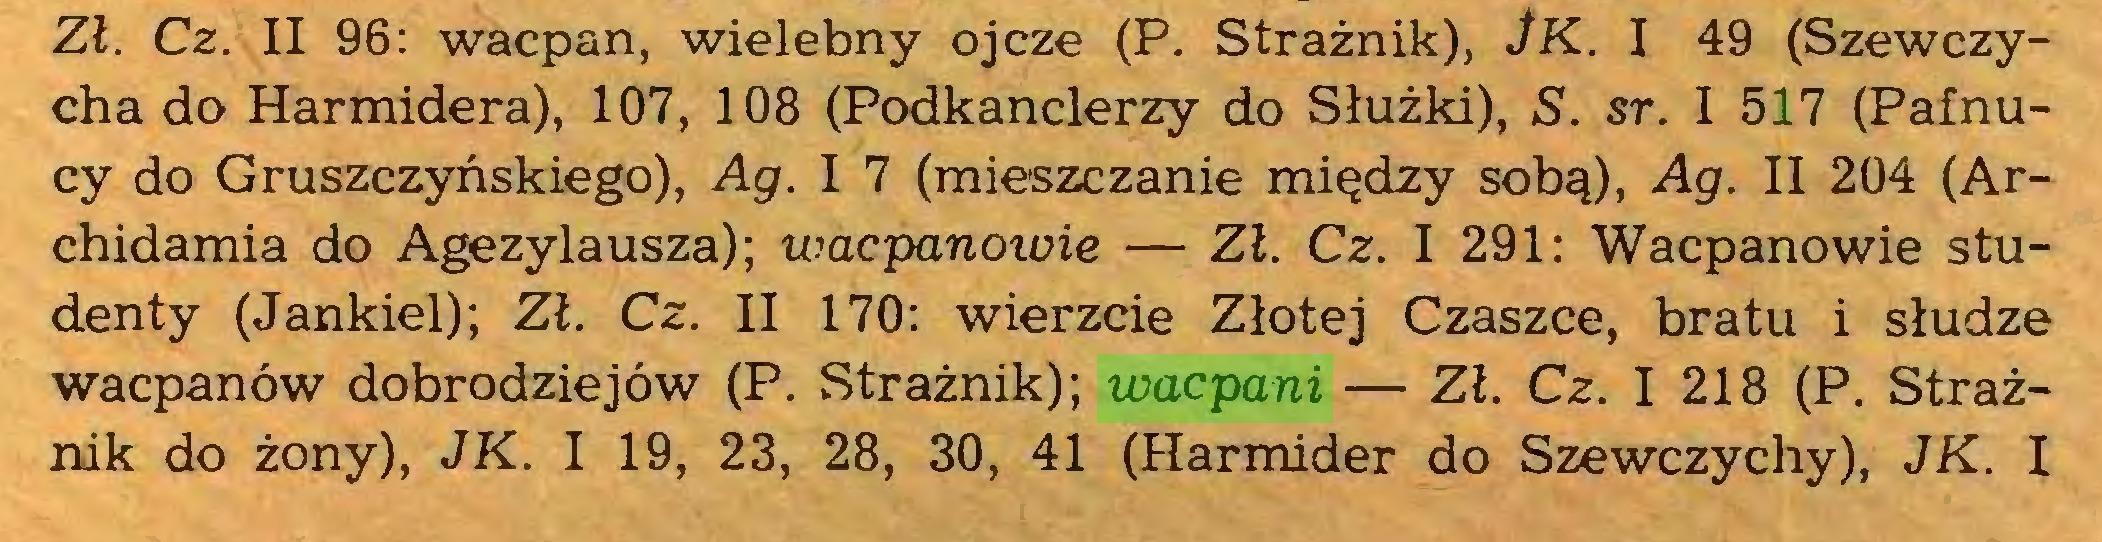 (...) Zł. Cz. II 96: wacpan, wielebny ojcze (P. Strażnik), JK. I 49 (Szewczycha do Harmidera), 107, 108 (Podkanclerzy do Służki), S. sr. I 517 (Pafnucy do Gruszczyńskiego), Ag. I 7 (mieszczanie między sobą), Ag. II 204 (Archidamia do Agezylausza); wacpanowie — Zł. Cz. I 291: Wacpanowie studenty (Jankiel); Zł. Cz. II 170: wierzcie Złotej Czaszce, bratu i słudze wacpanów dobrodziejów (P. Strażnik); wacpani — Zł. Cz. I 218 (P. Strażnik do żony), JK. I 19, 23, 28, 30, 41 (Harmider do Szewczychy), JK. I...